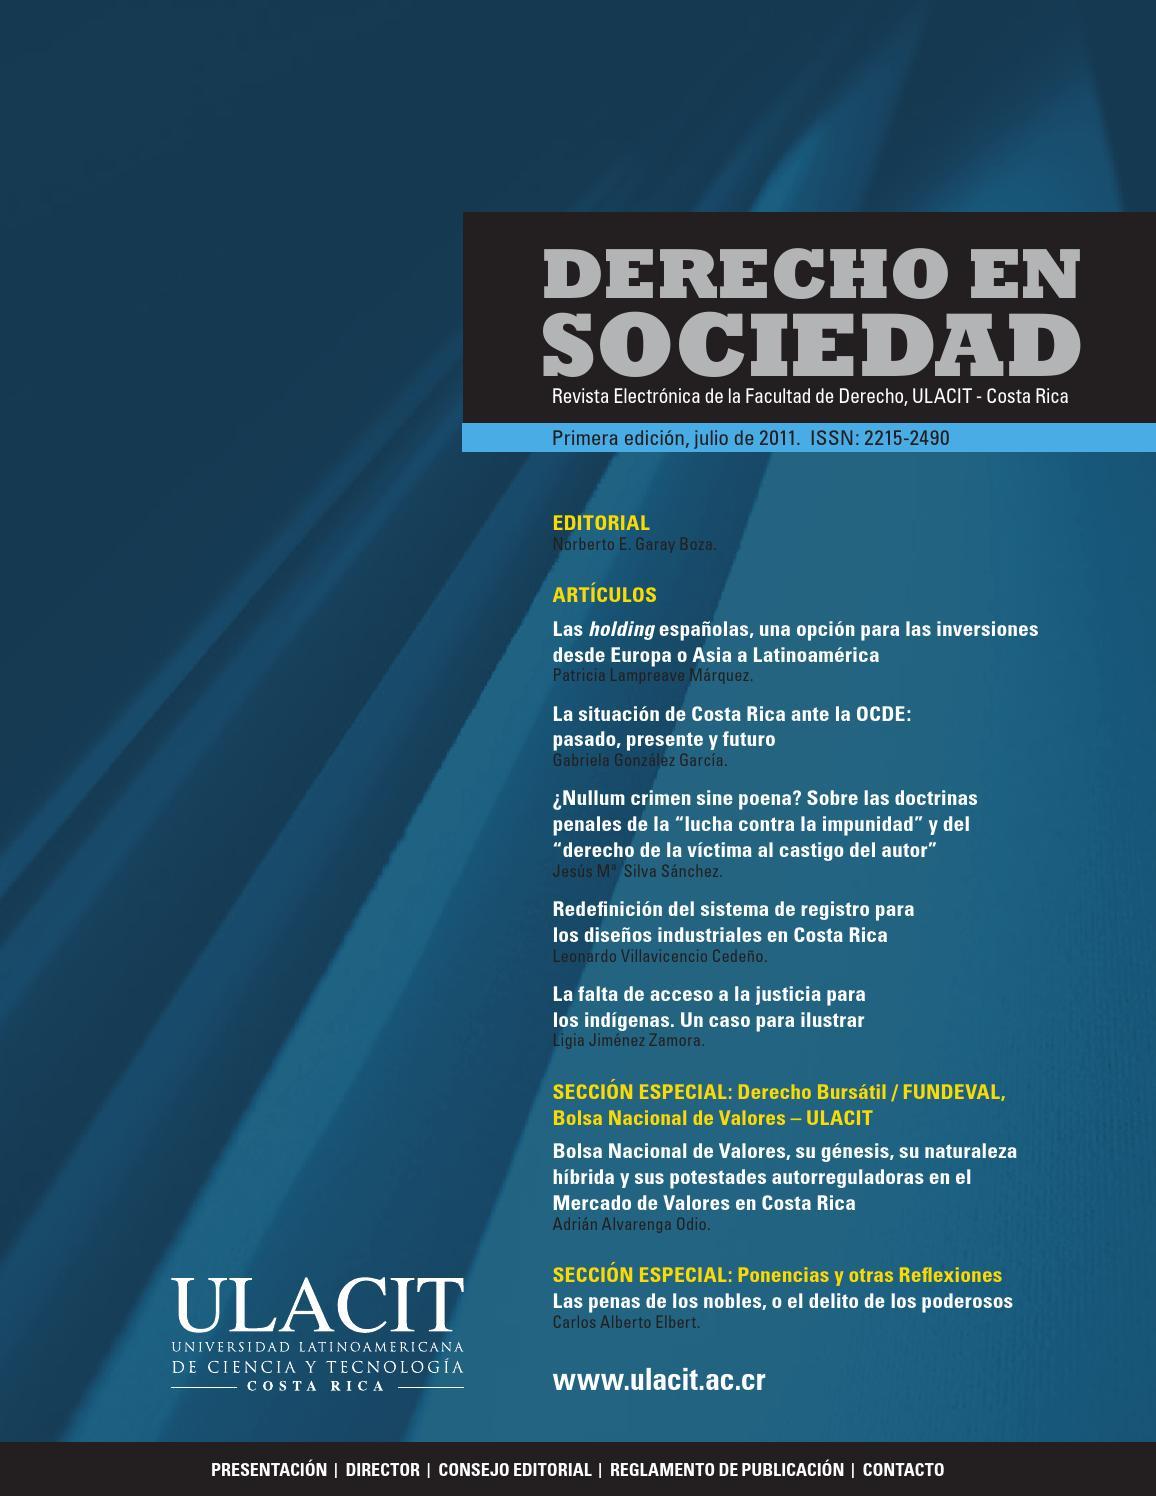 Derecho en Sociedad (ULACIT) by Javier Chacón Troz - issuu